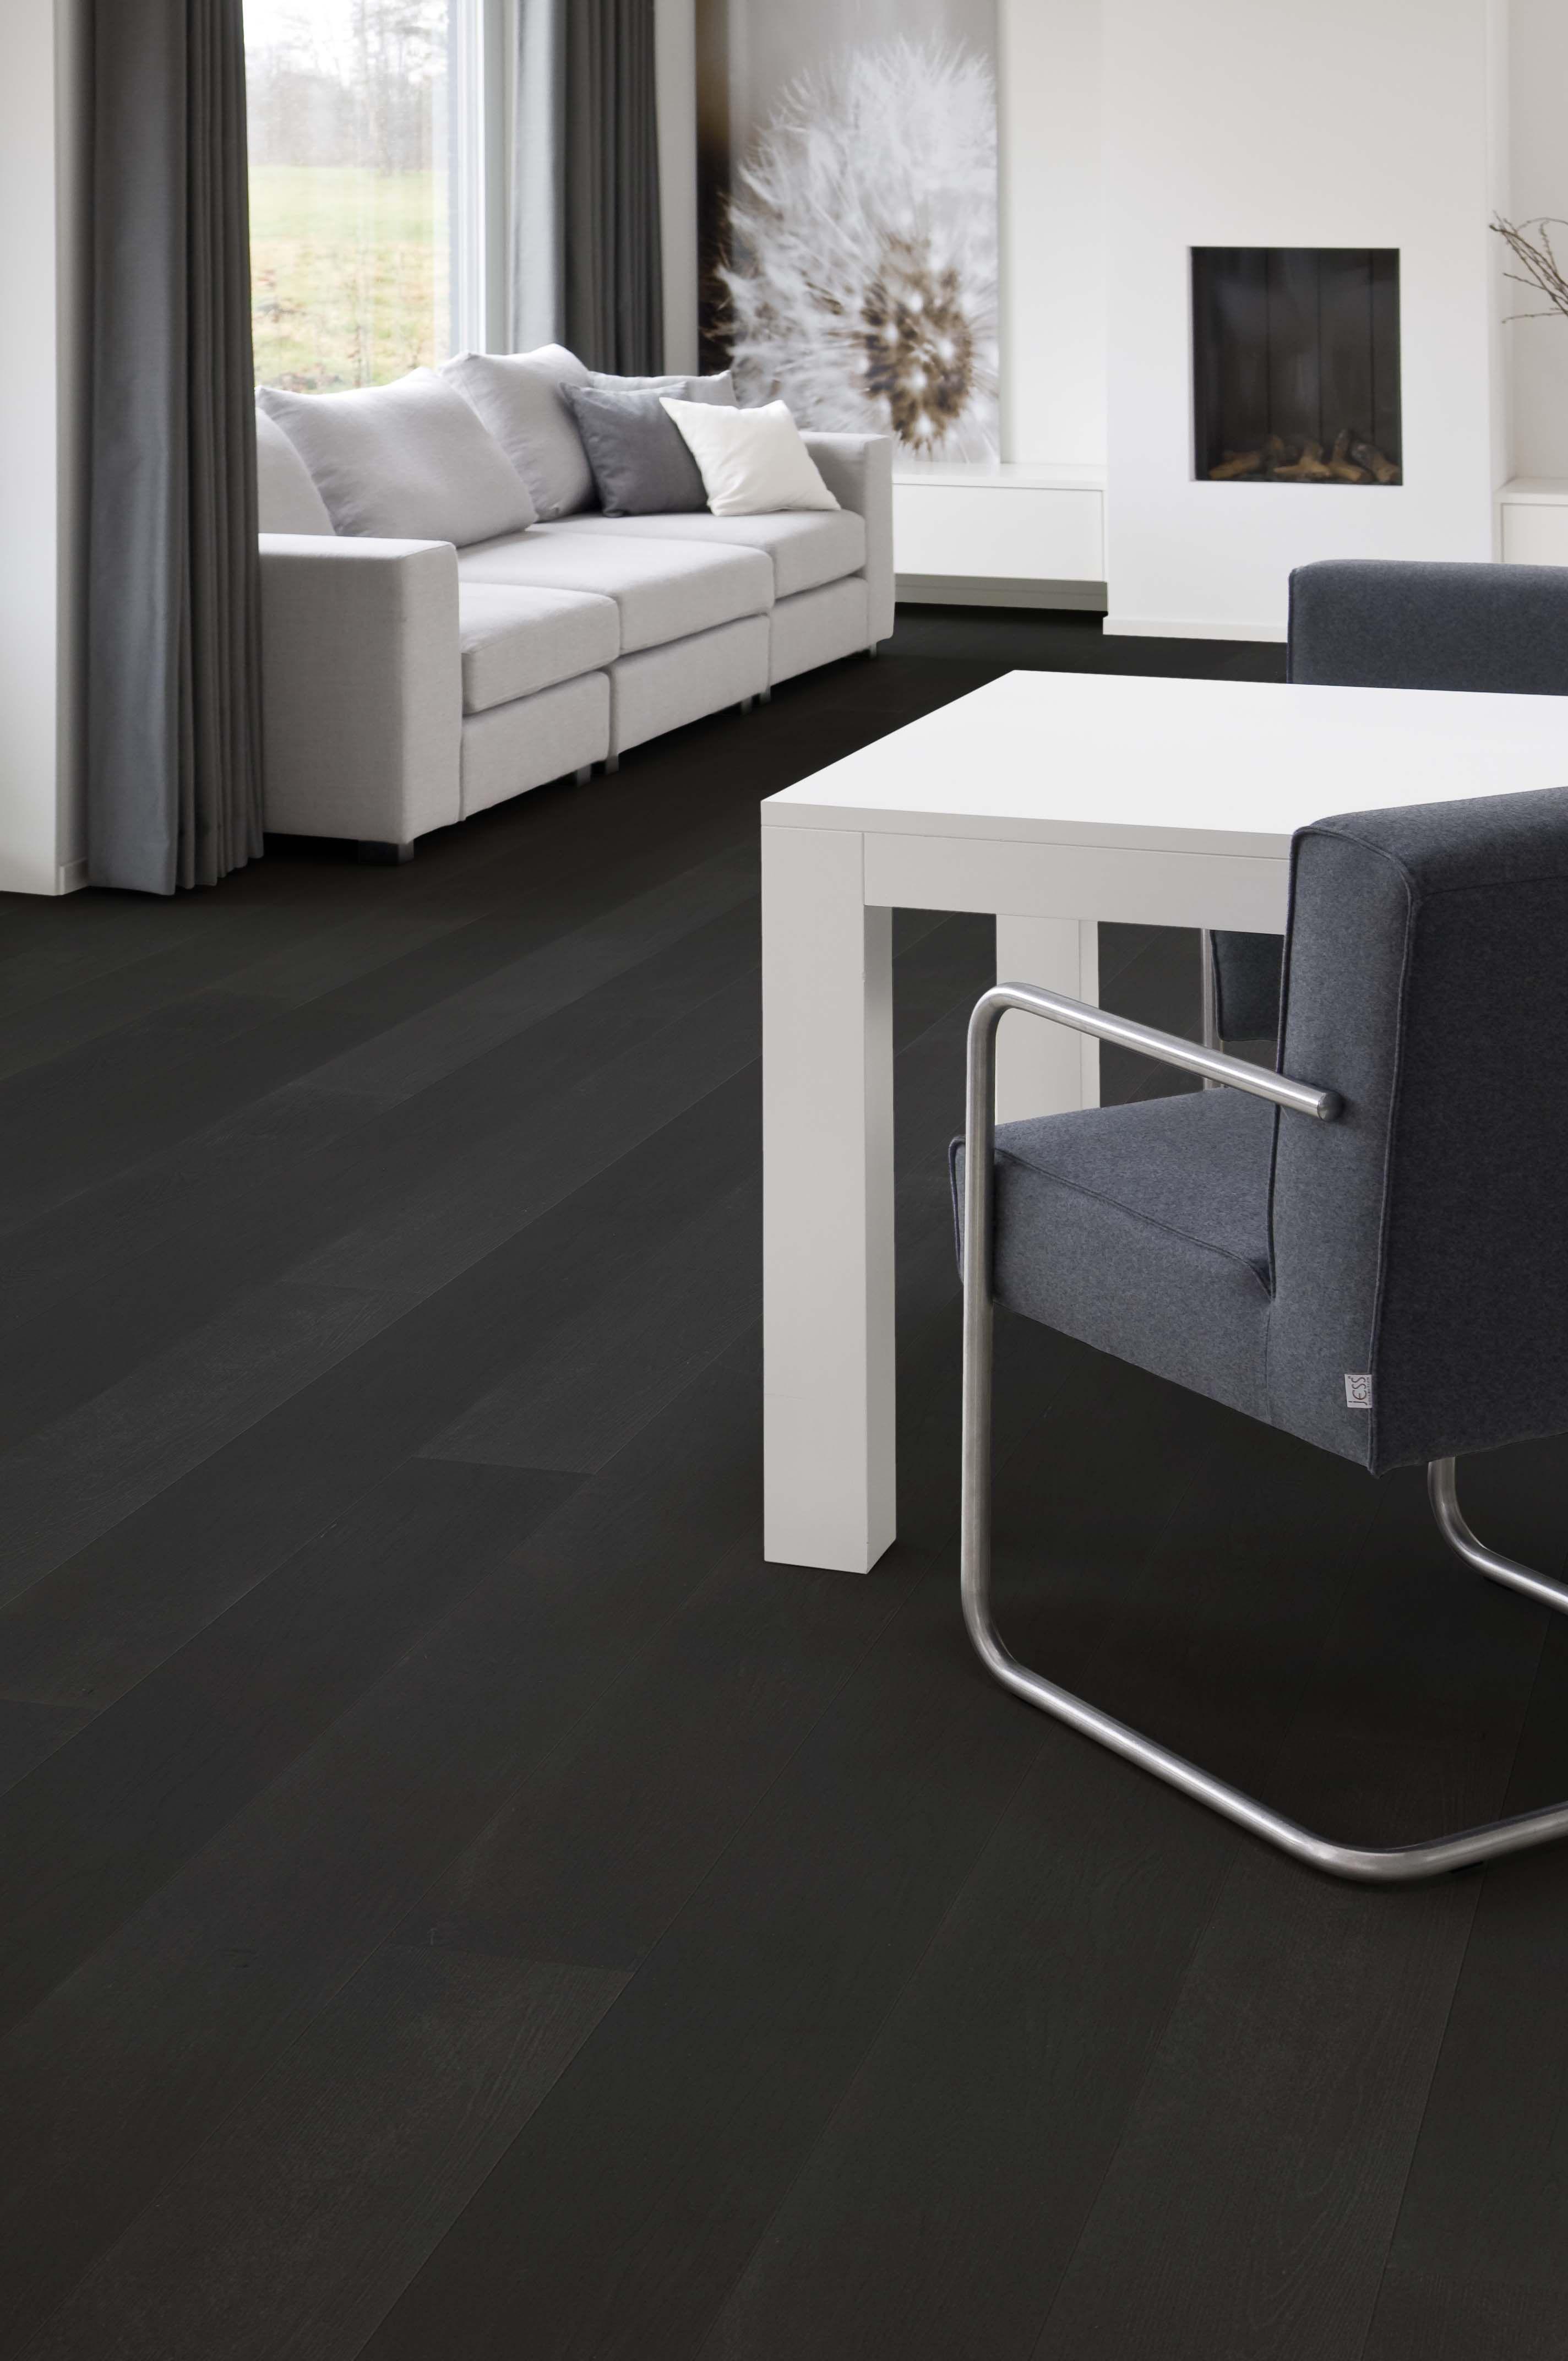 vloeren breda houten vloer in grijstint voor